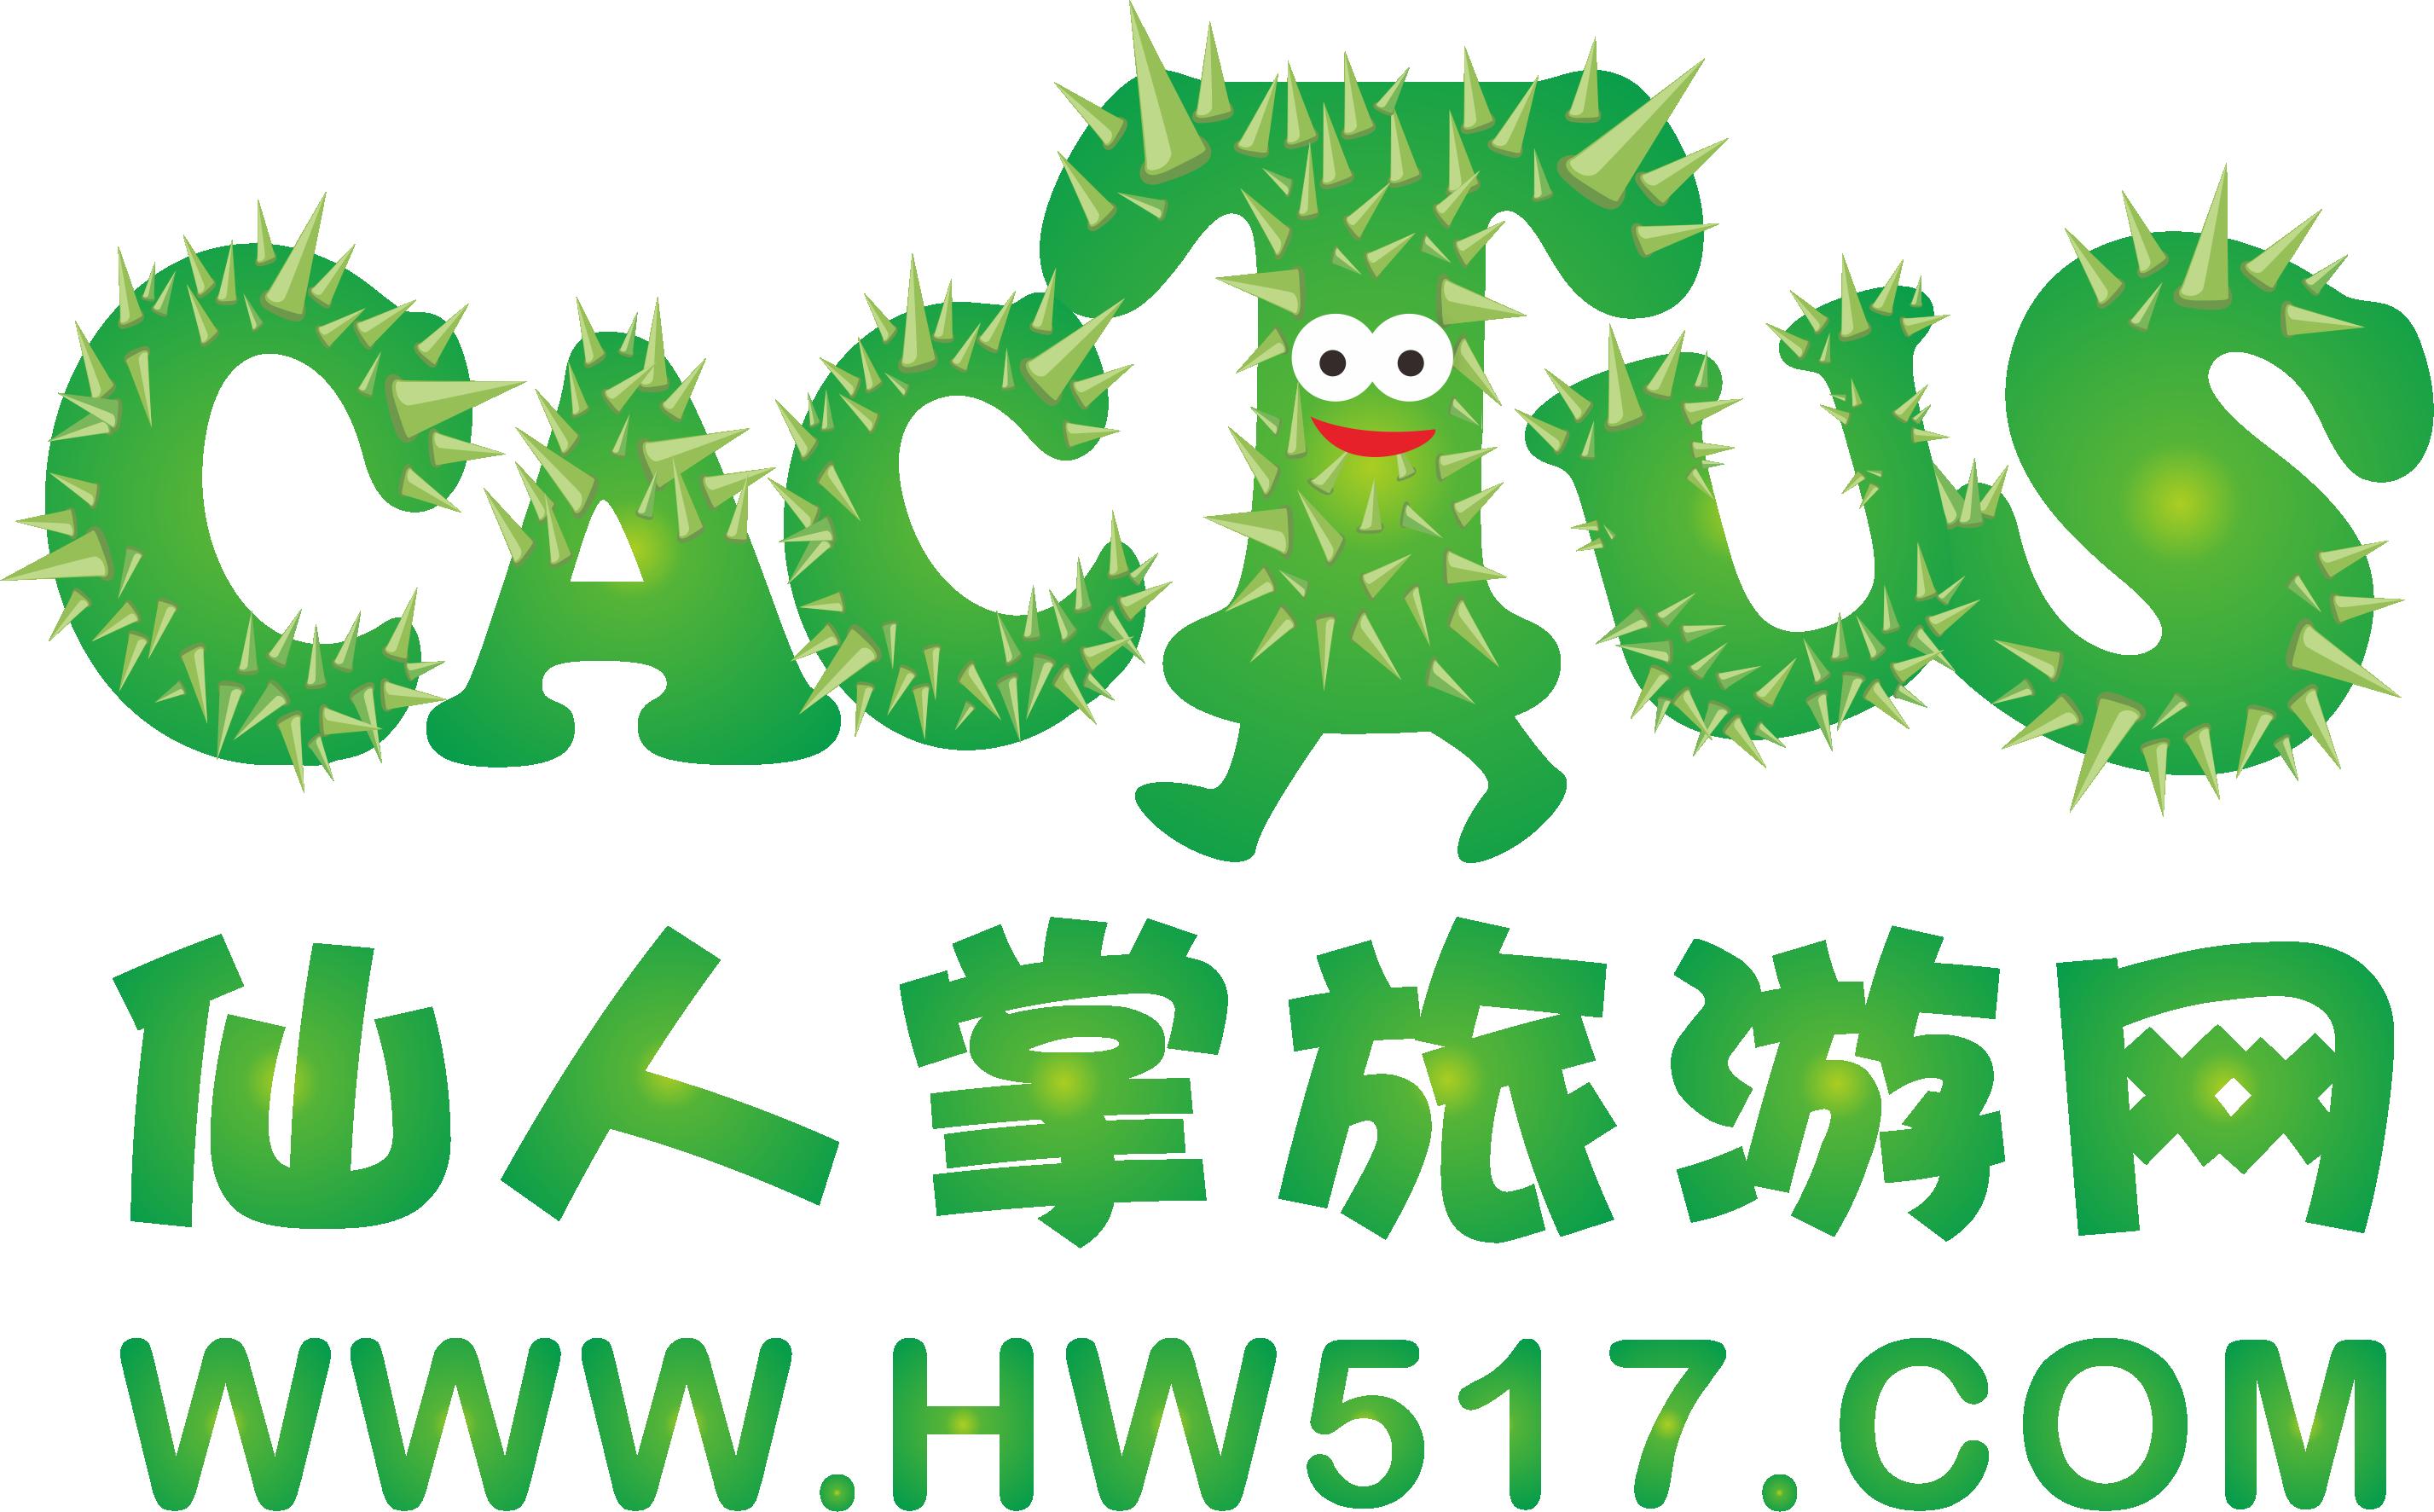 【仙人掌旅游】天台庐辉龙大酒店+琼台仙谷·双人游套票